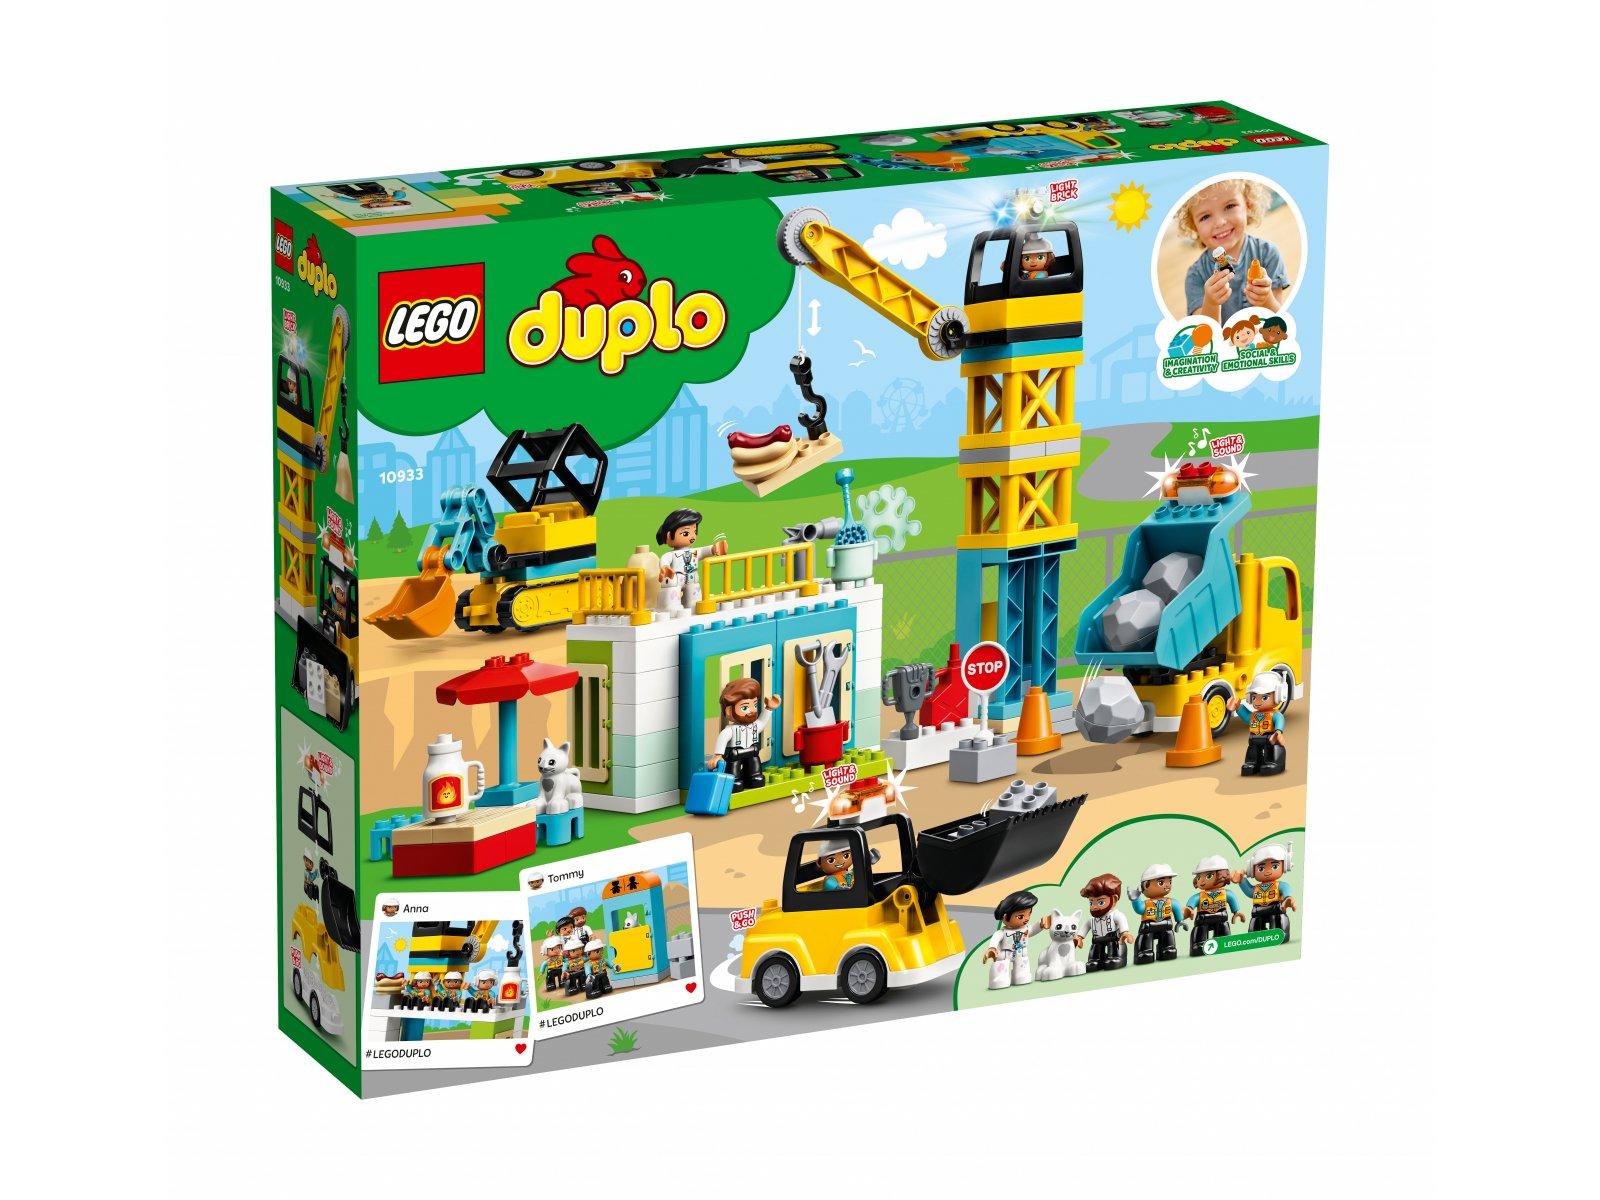 LEGO Duplo 10933 Żuraw wieżowy i budowa